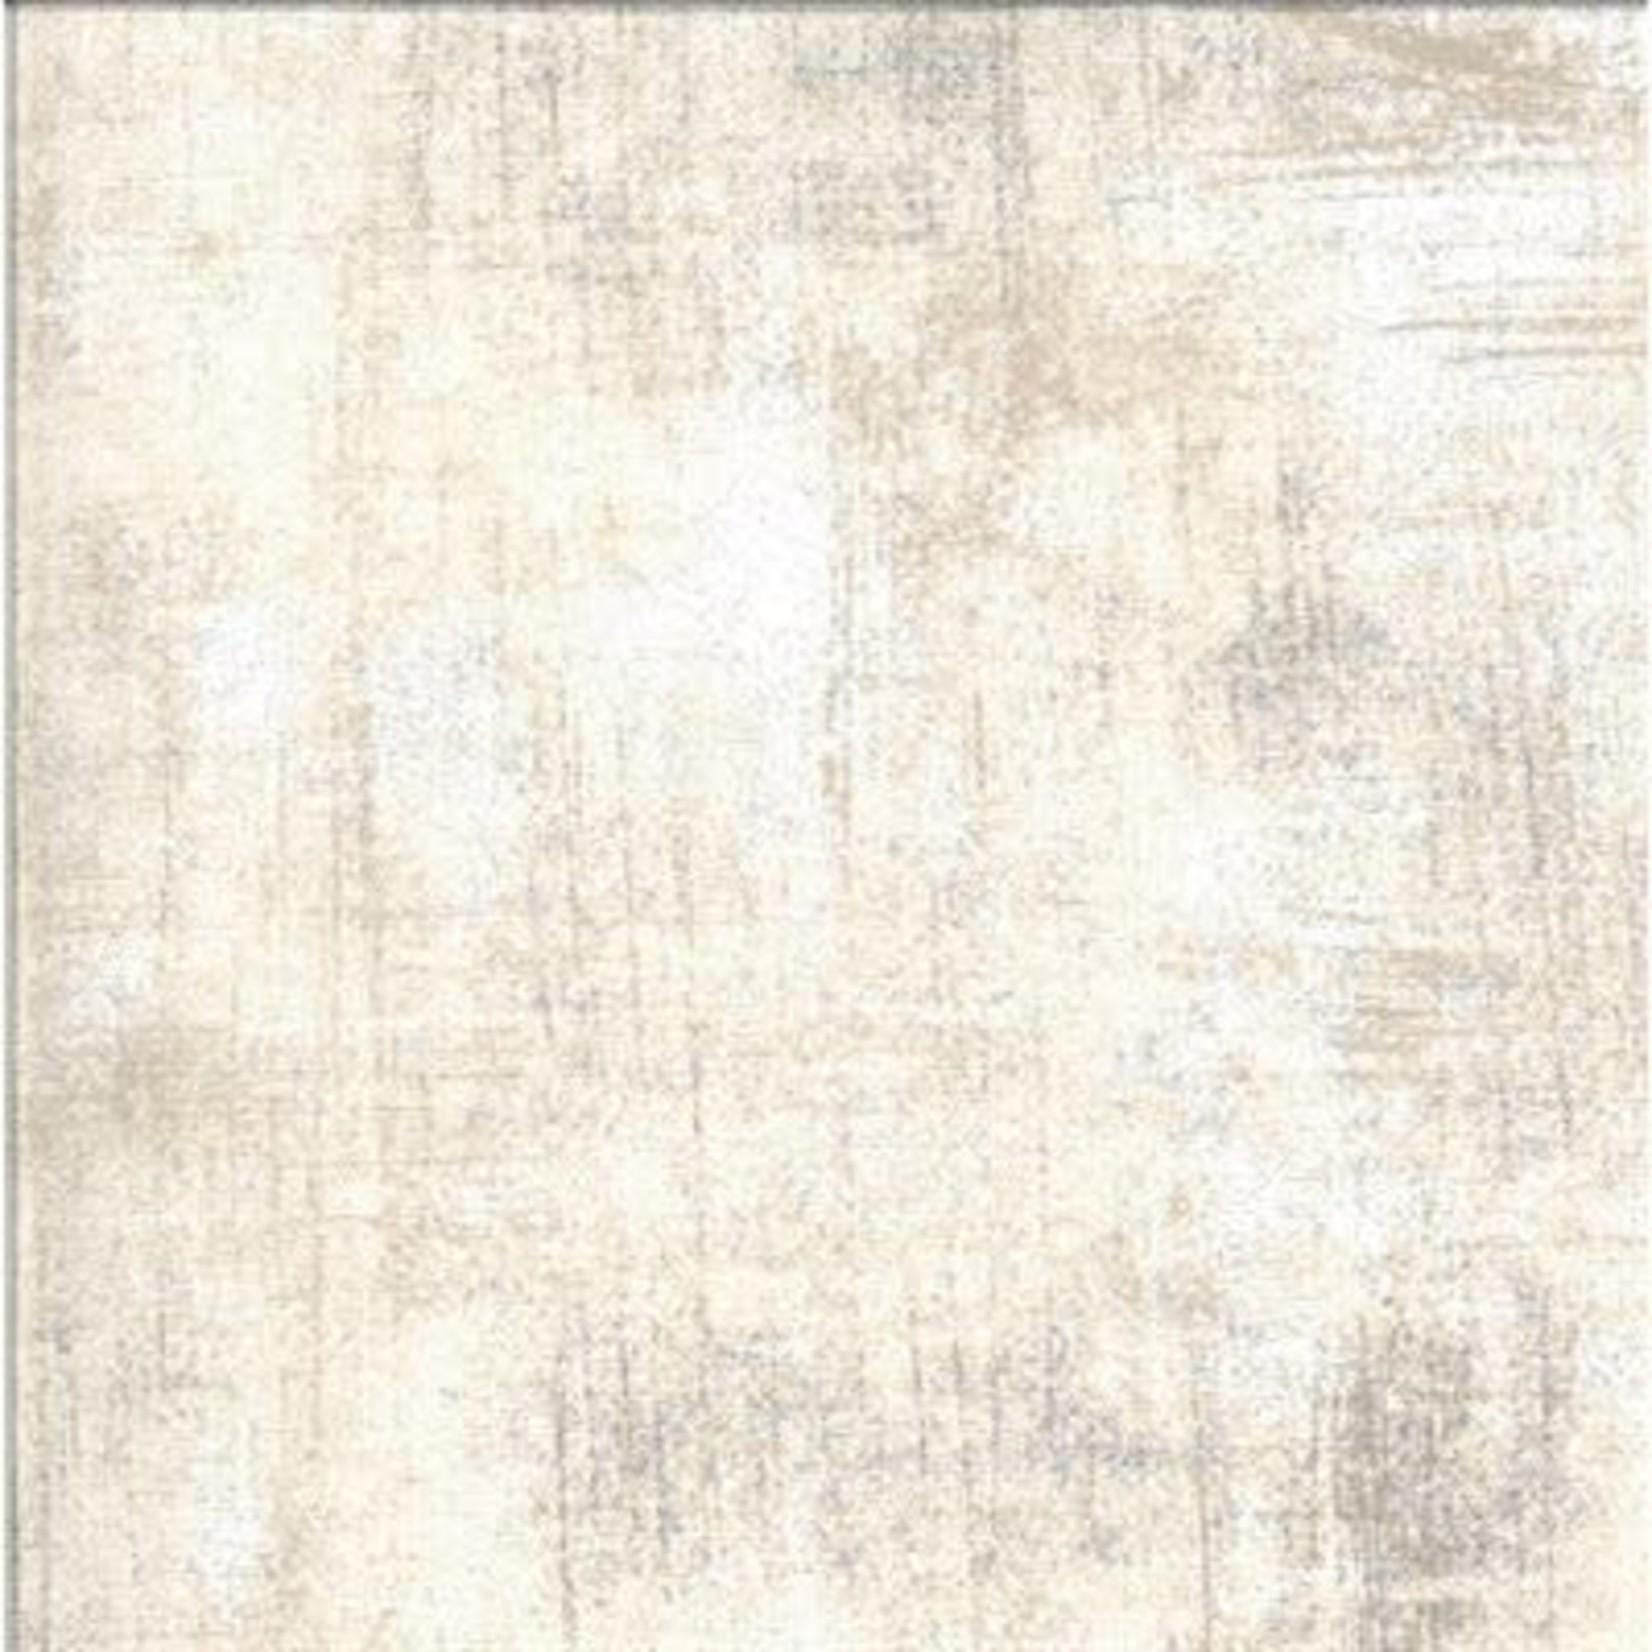 Moda GRUNGE BASICS Grunge - Roasted Marshmallow per cm or $20/m